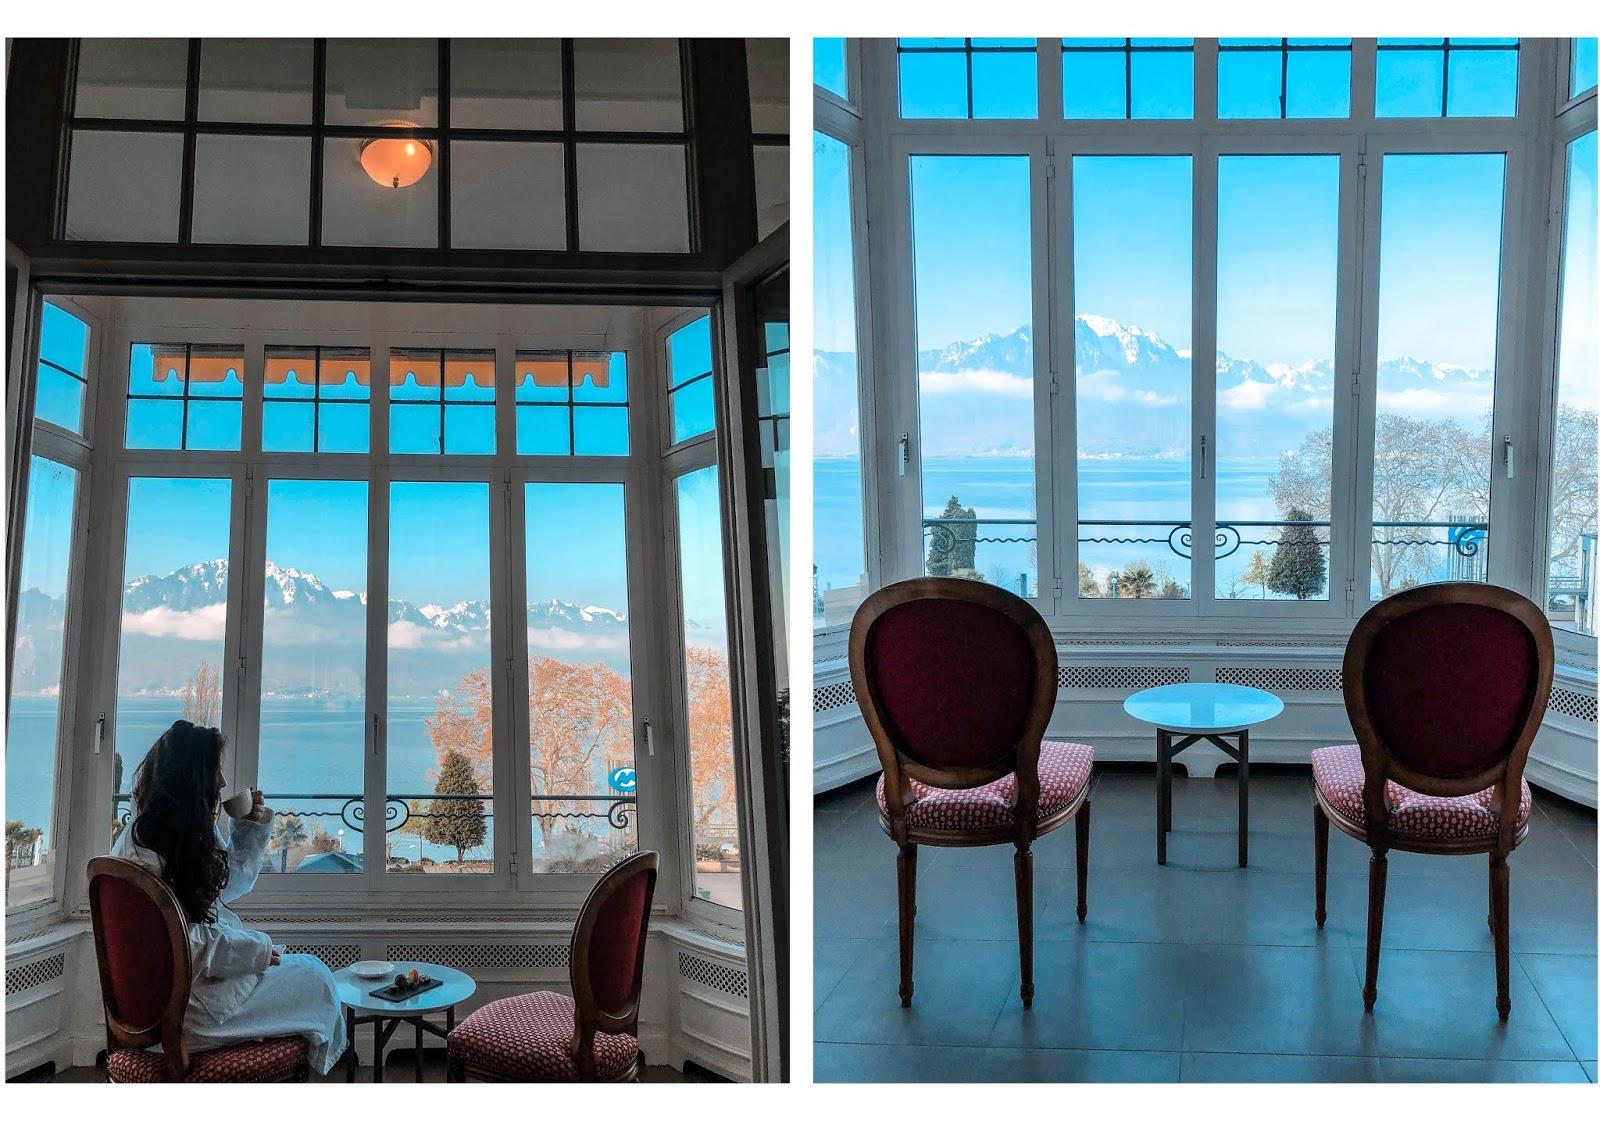 Fairmont Le Montreux Palace hôtel de luxe venus is naive